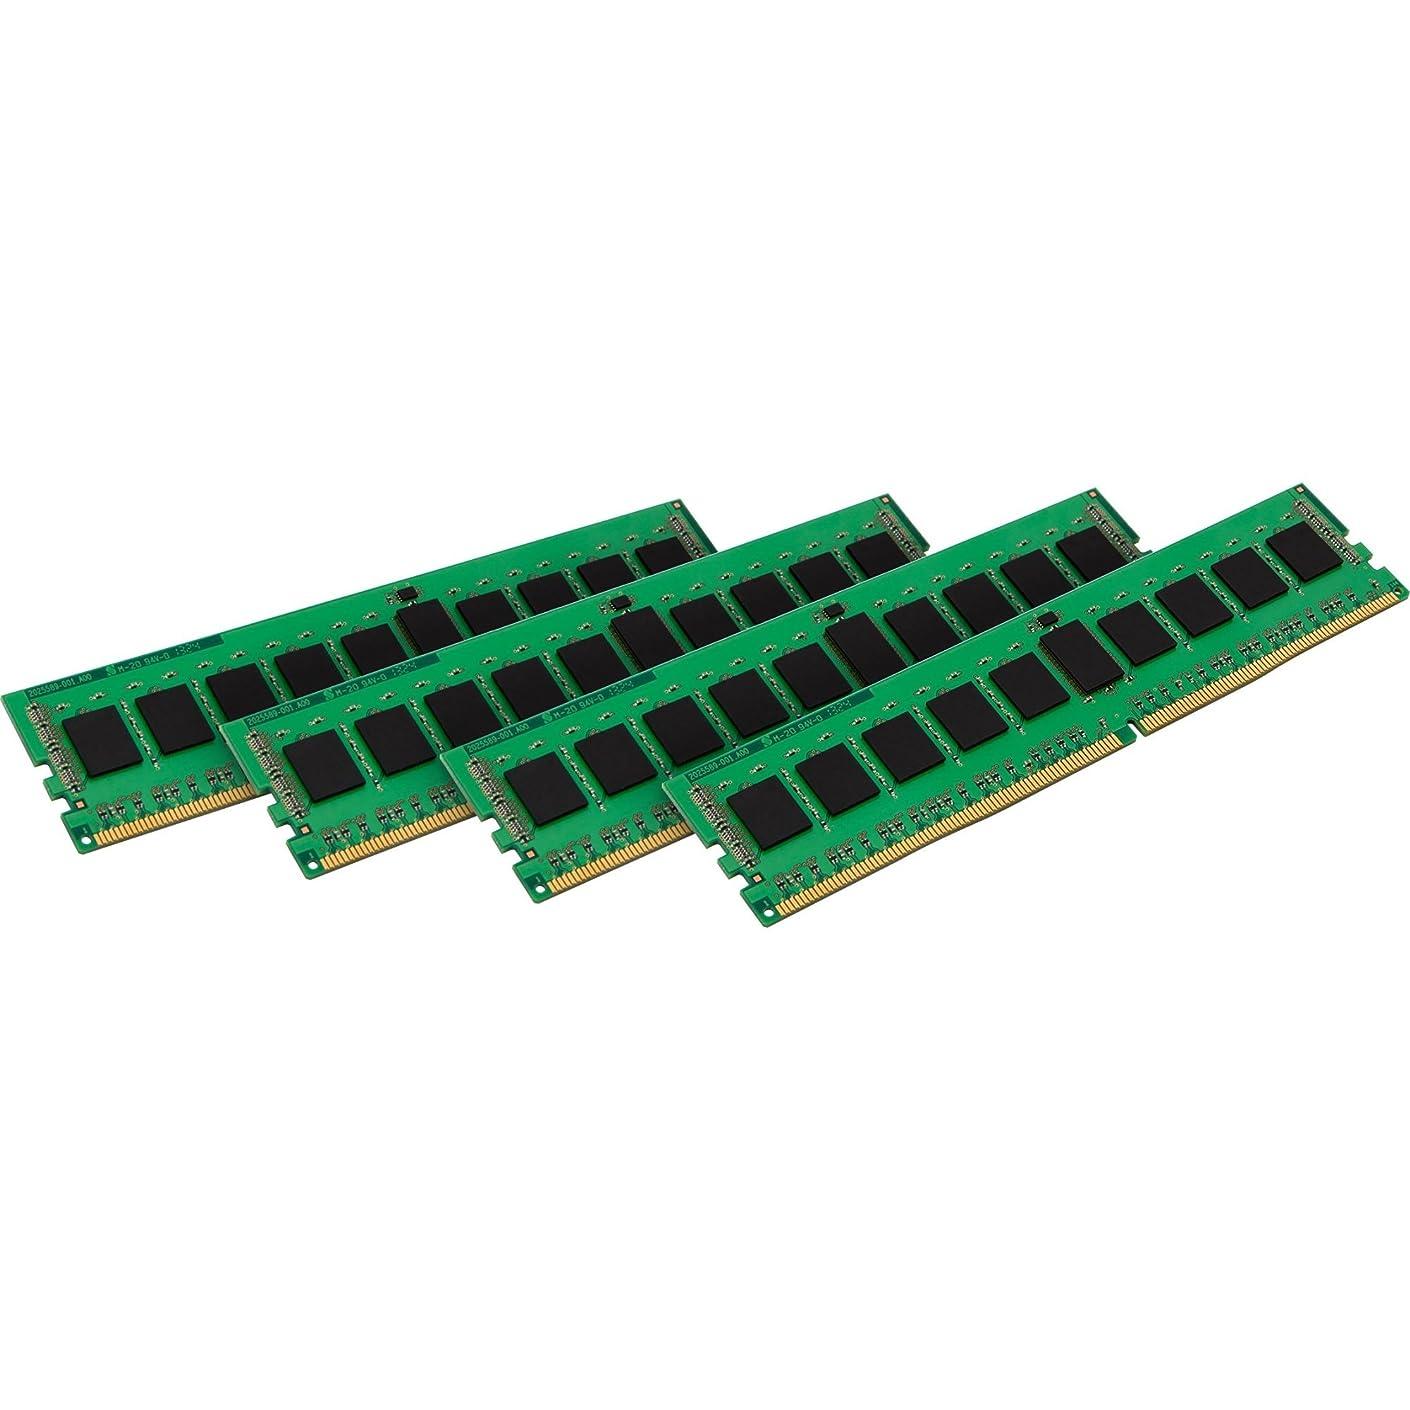 Kingston 32GB Kit (4x8GB) - DDR4 2133MHz - 32 GB (4 x 8 GB) - DDR4 SDRAM - 2133 MHz DDR4-2133/PC4-17000 - 1.20 V - ECC - Registered - 288-pin - DIMM - KVR21R15S4K4/32